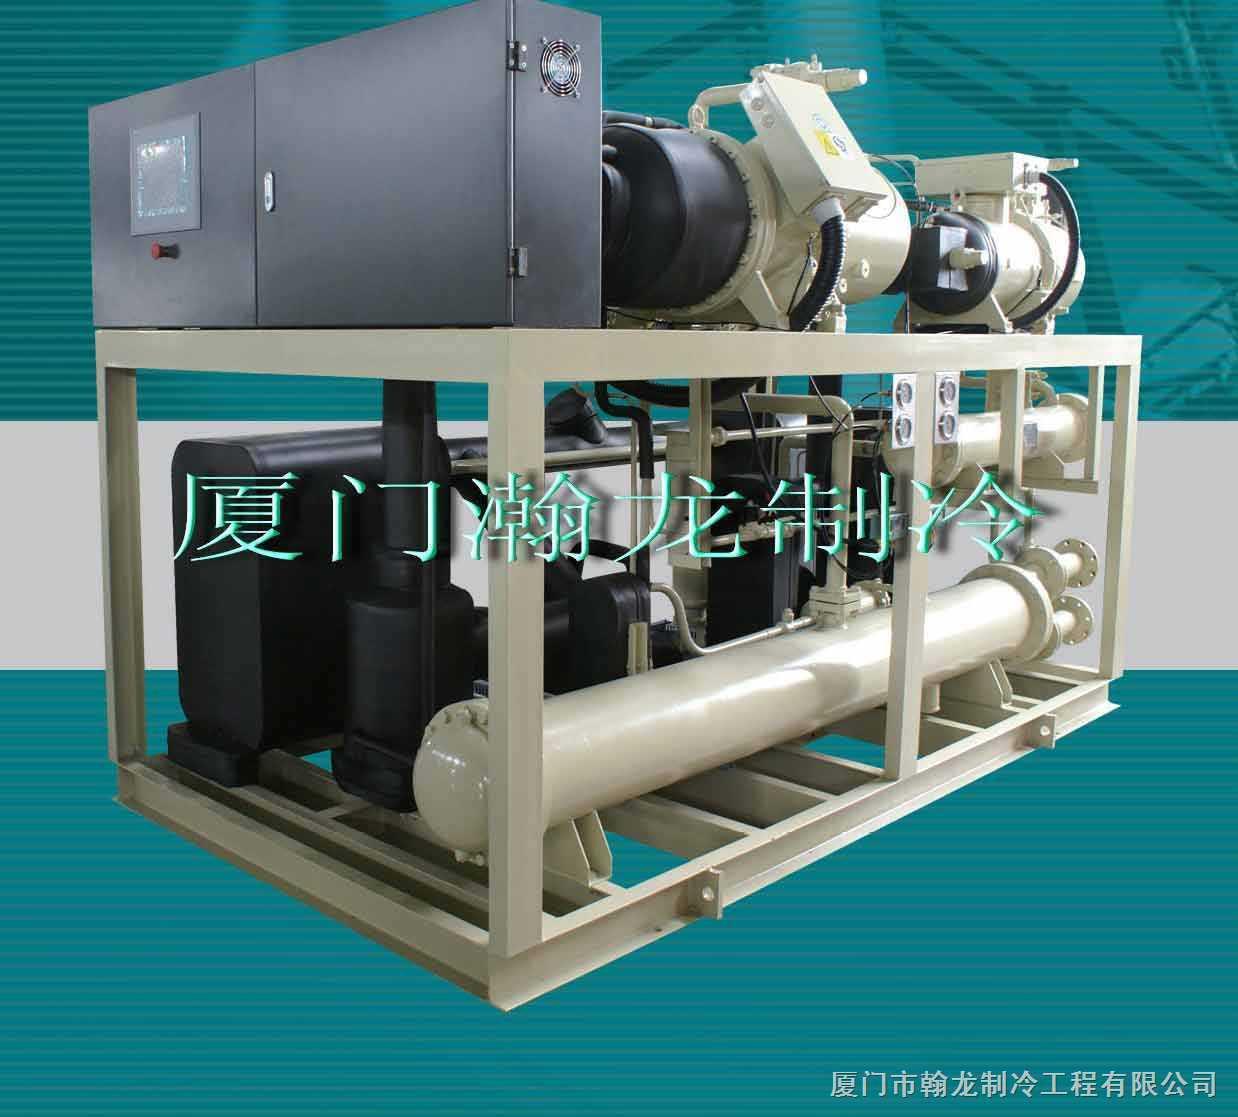 高性能深冷机组,复叠机组,超低温冷冻机